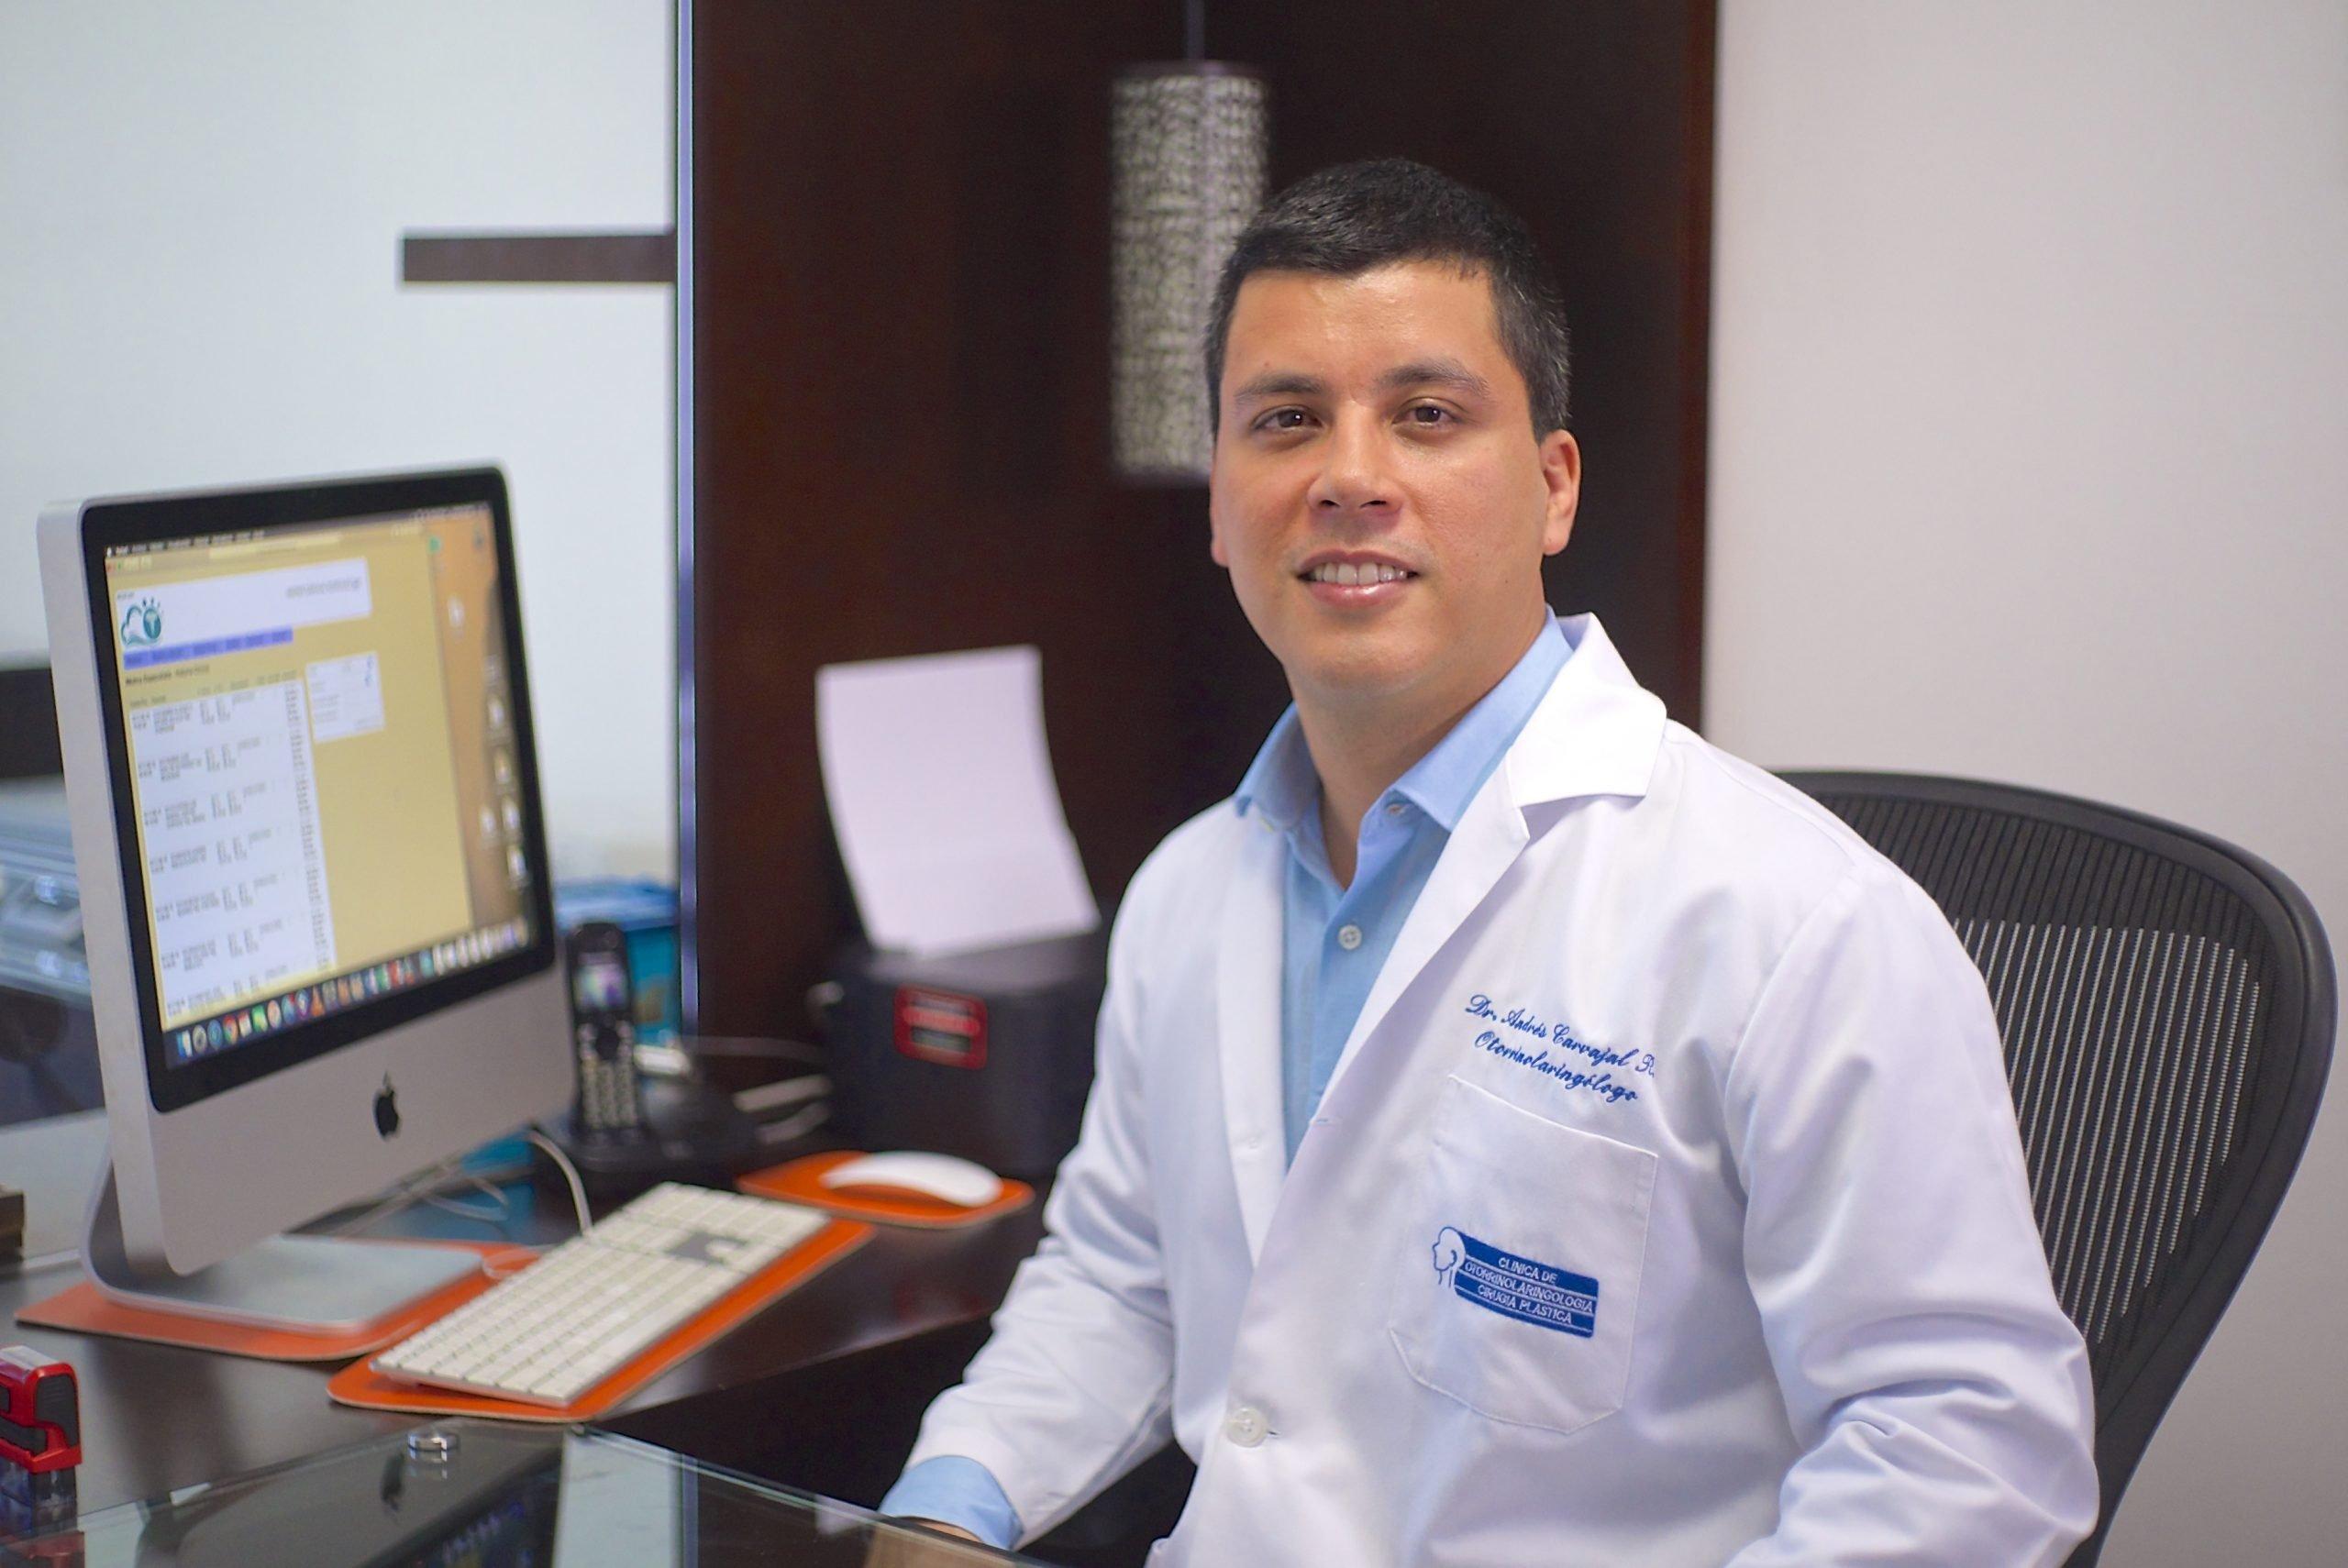 Dr. Andrés Carvajal Rodríguez